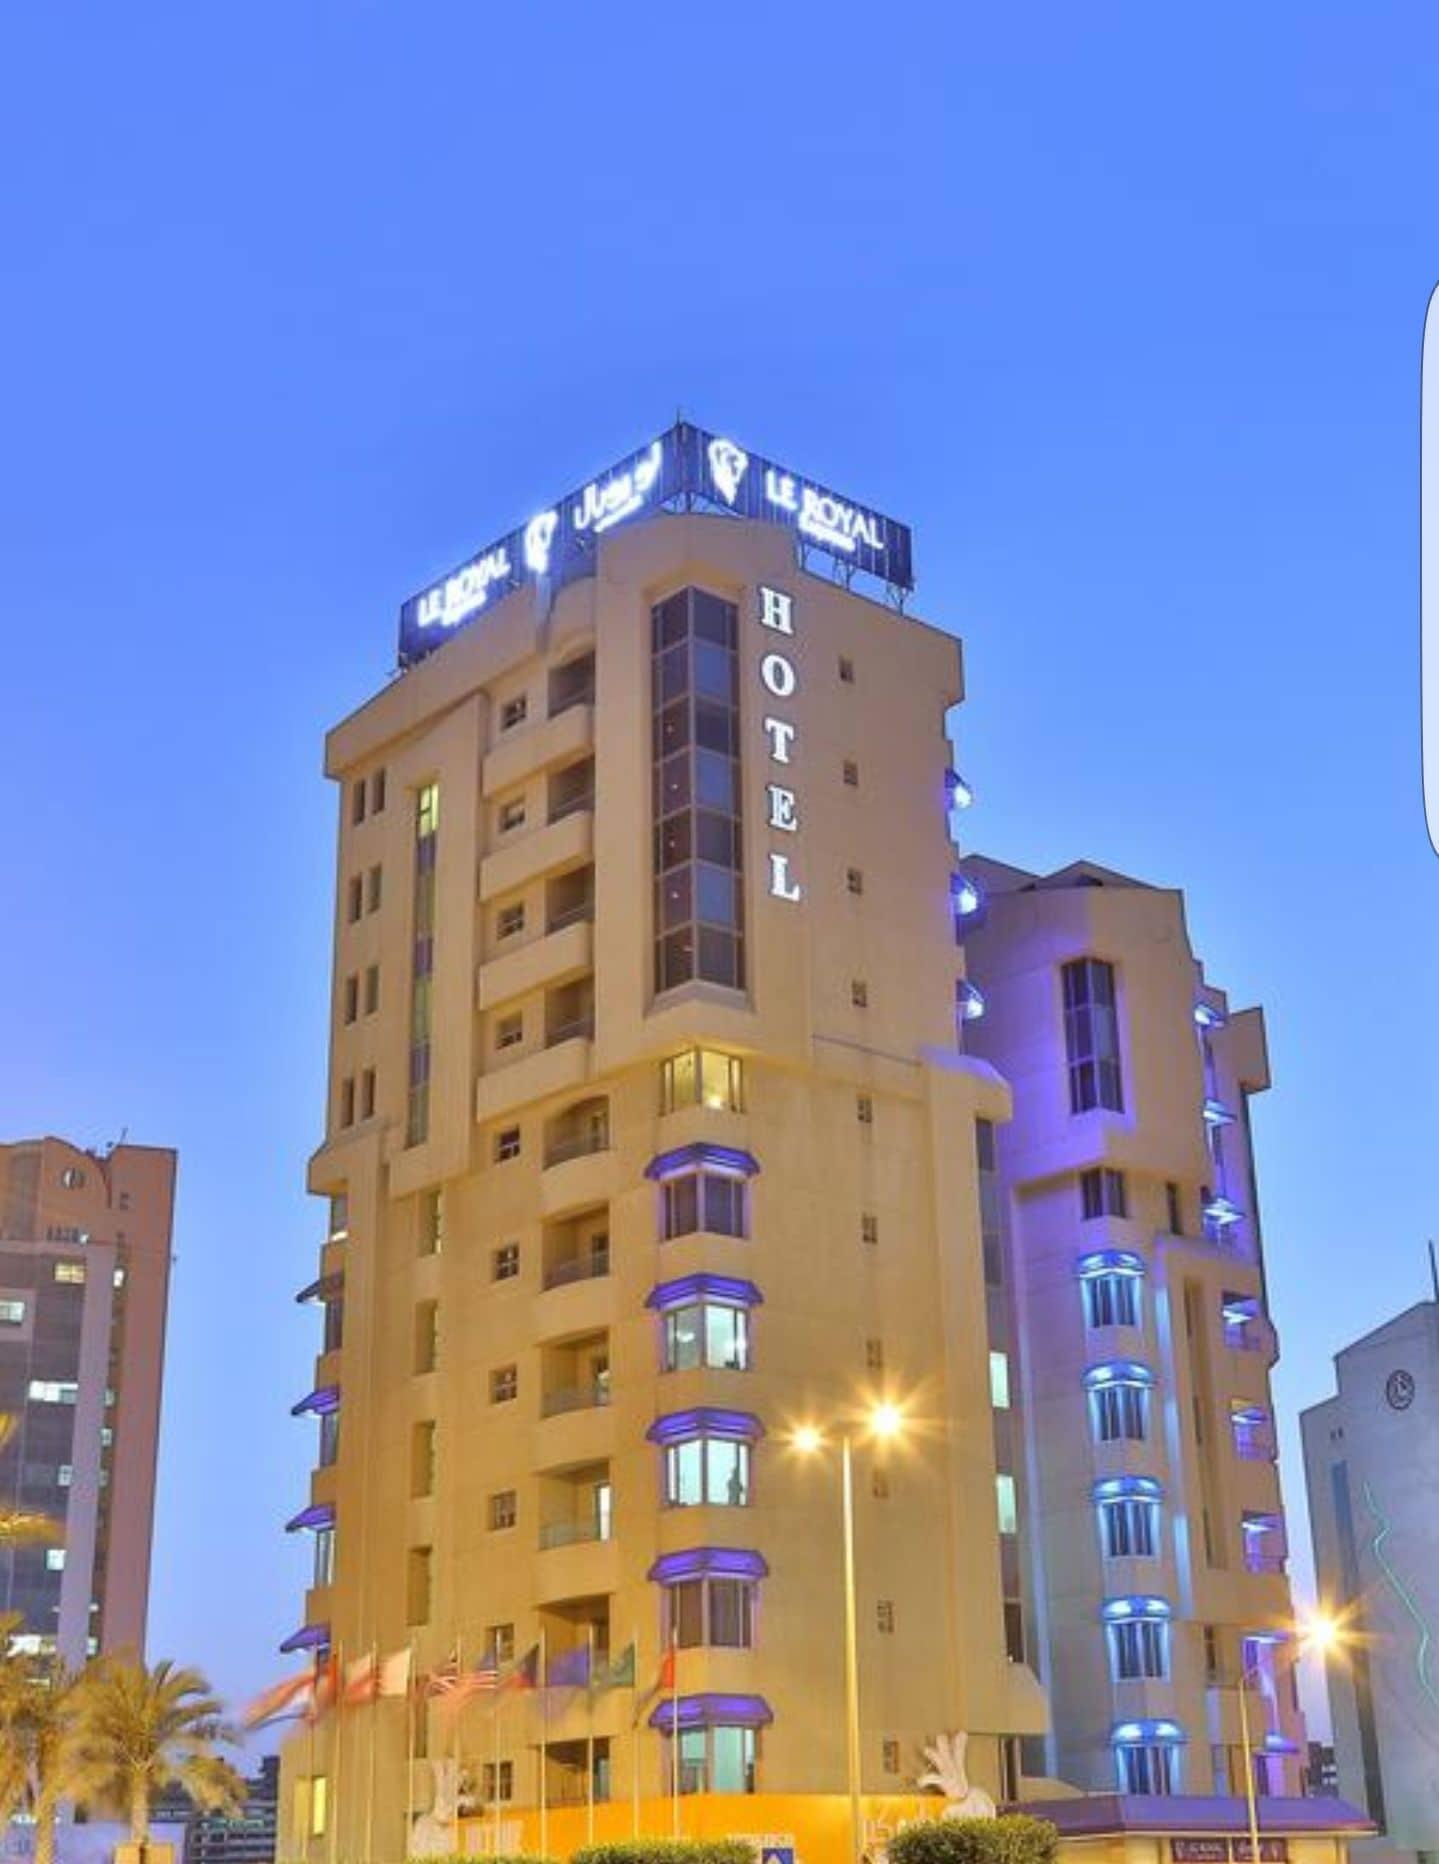 Le Royal Express Hotel,